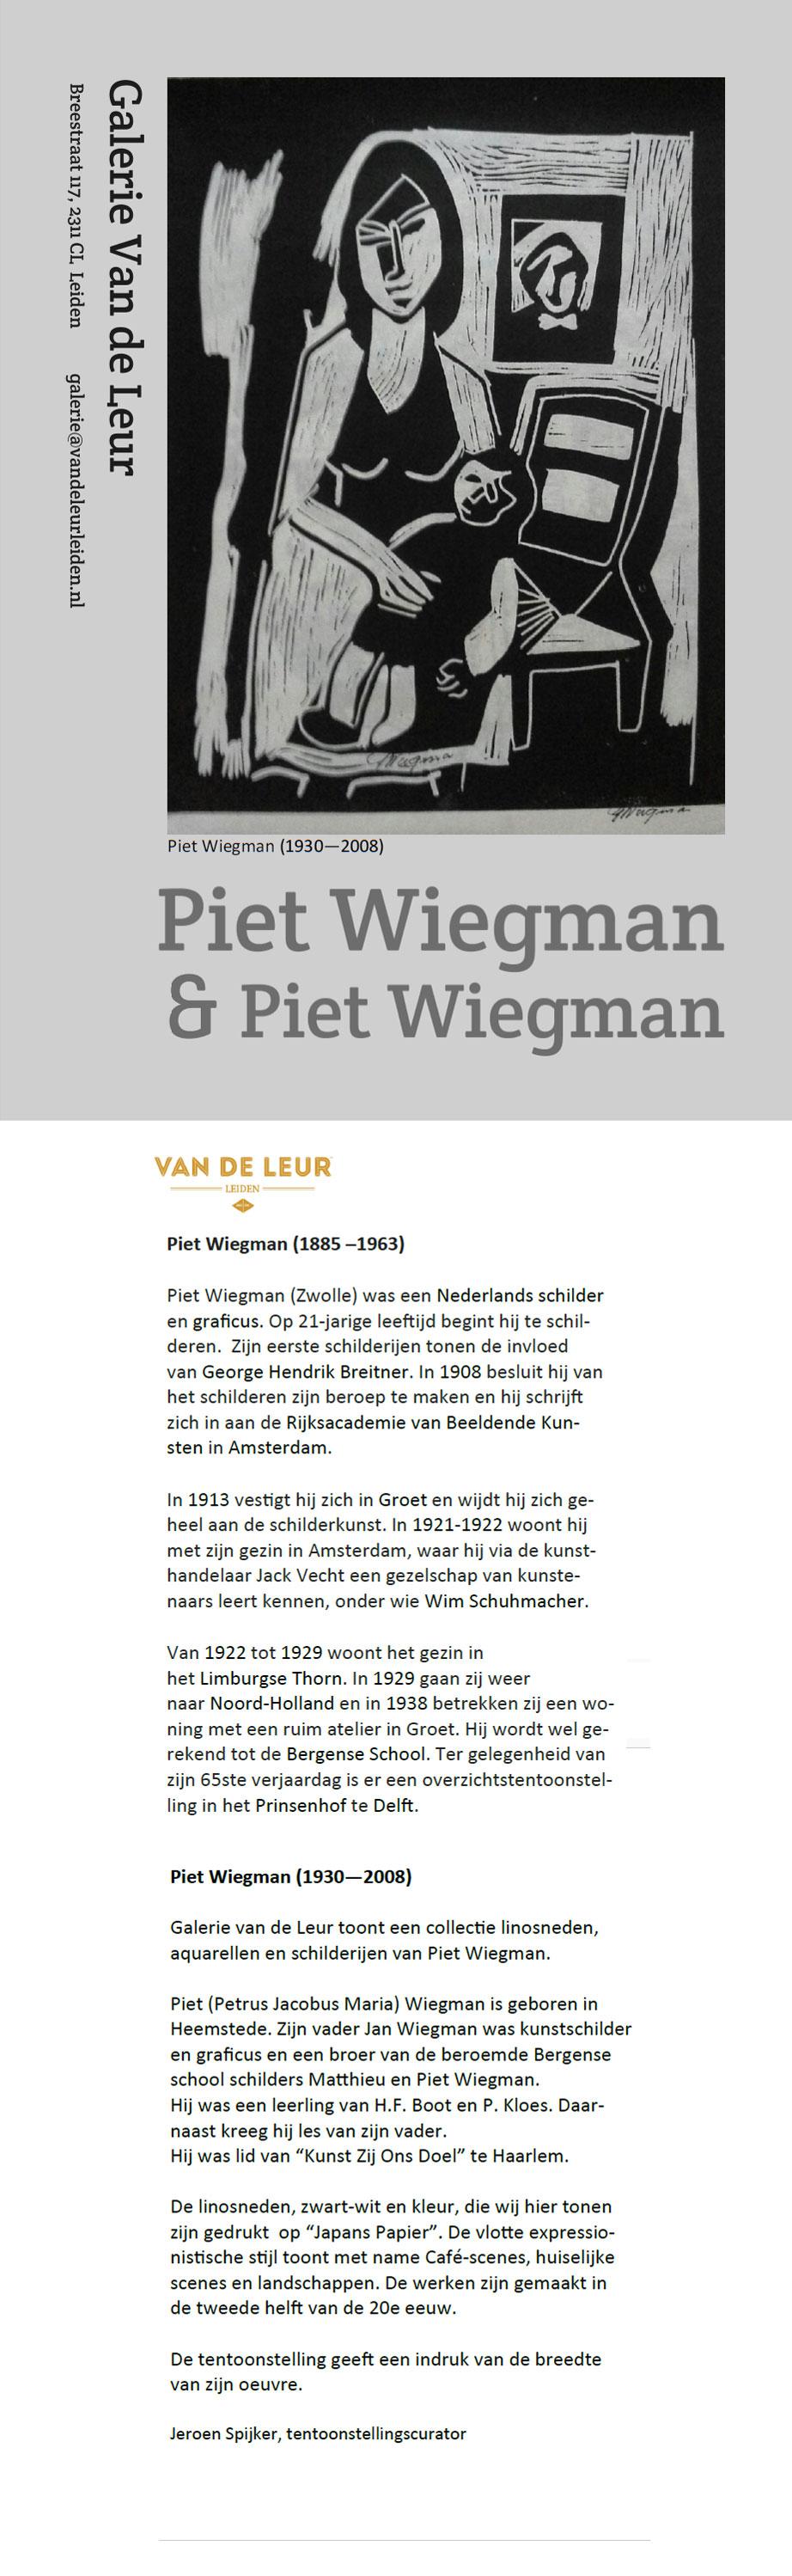 piet-wiegman-en-piet-wiegman-2016